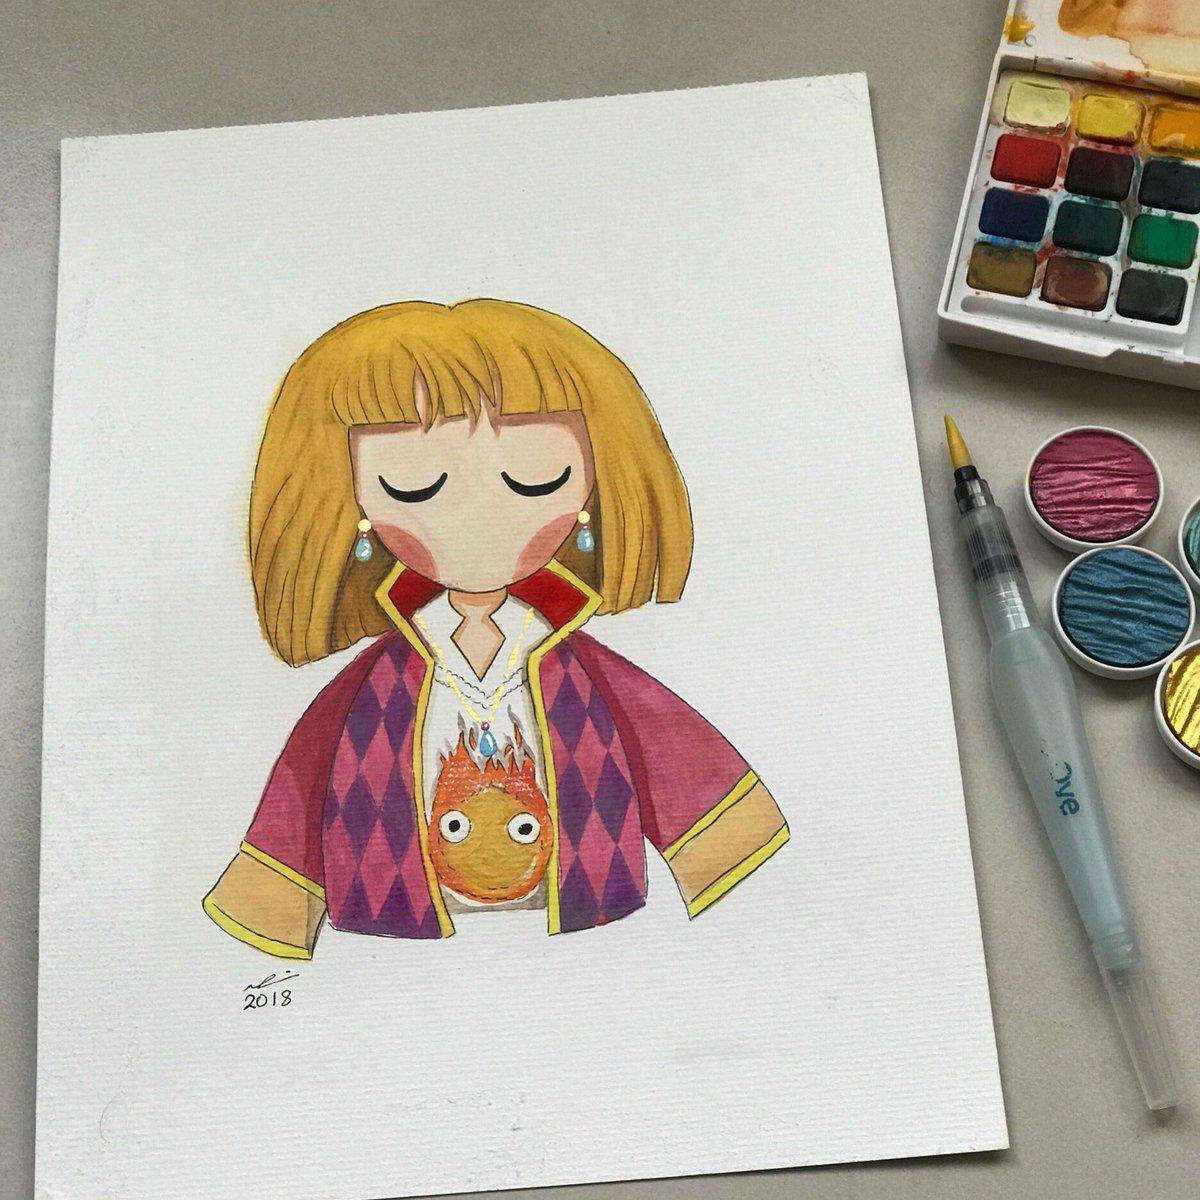 #ハウルの動く城 A watercolor painting I made for one of my favorite Ghibli movies  <br>http://pic.twitter.com/lvv8415BIA